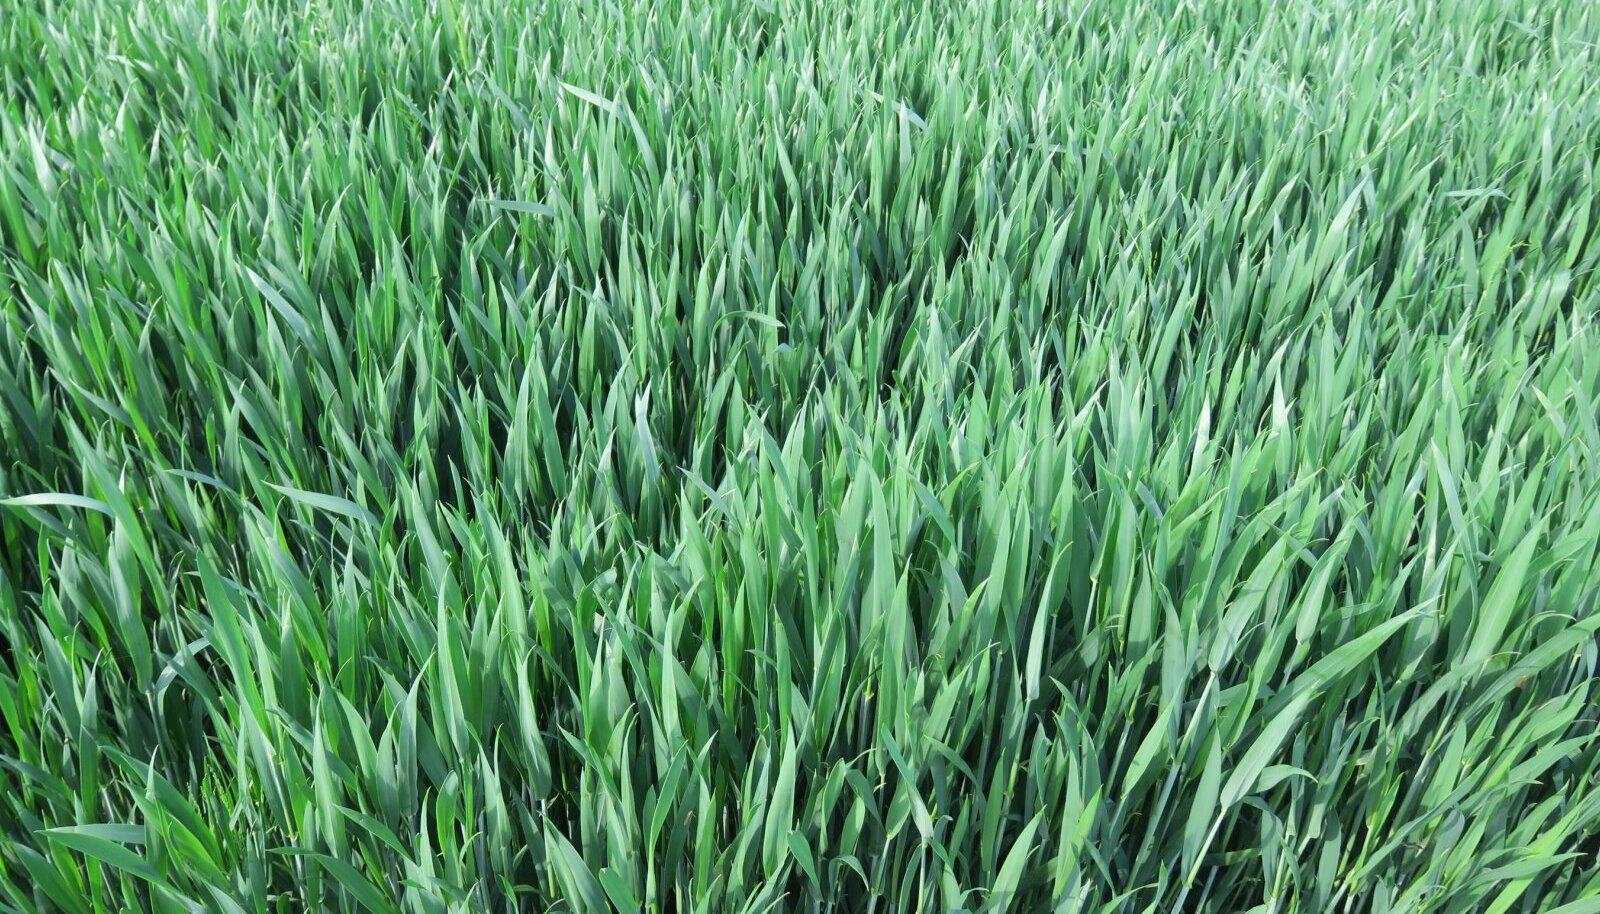 Kuigi nisu 'Malunas' hämmastas kevadel oma võimsa võrsumise ja laiade lehtedega, jäi tera lõppkokkuvõttes peenikeseks ja Eesti võistleja 187 konkurendi seas 103. kohale. Mulla-, lehe- ja teraproovid näitasid, et vajaka jäi nii makro- kui mikroelemente.